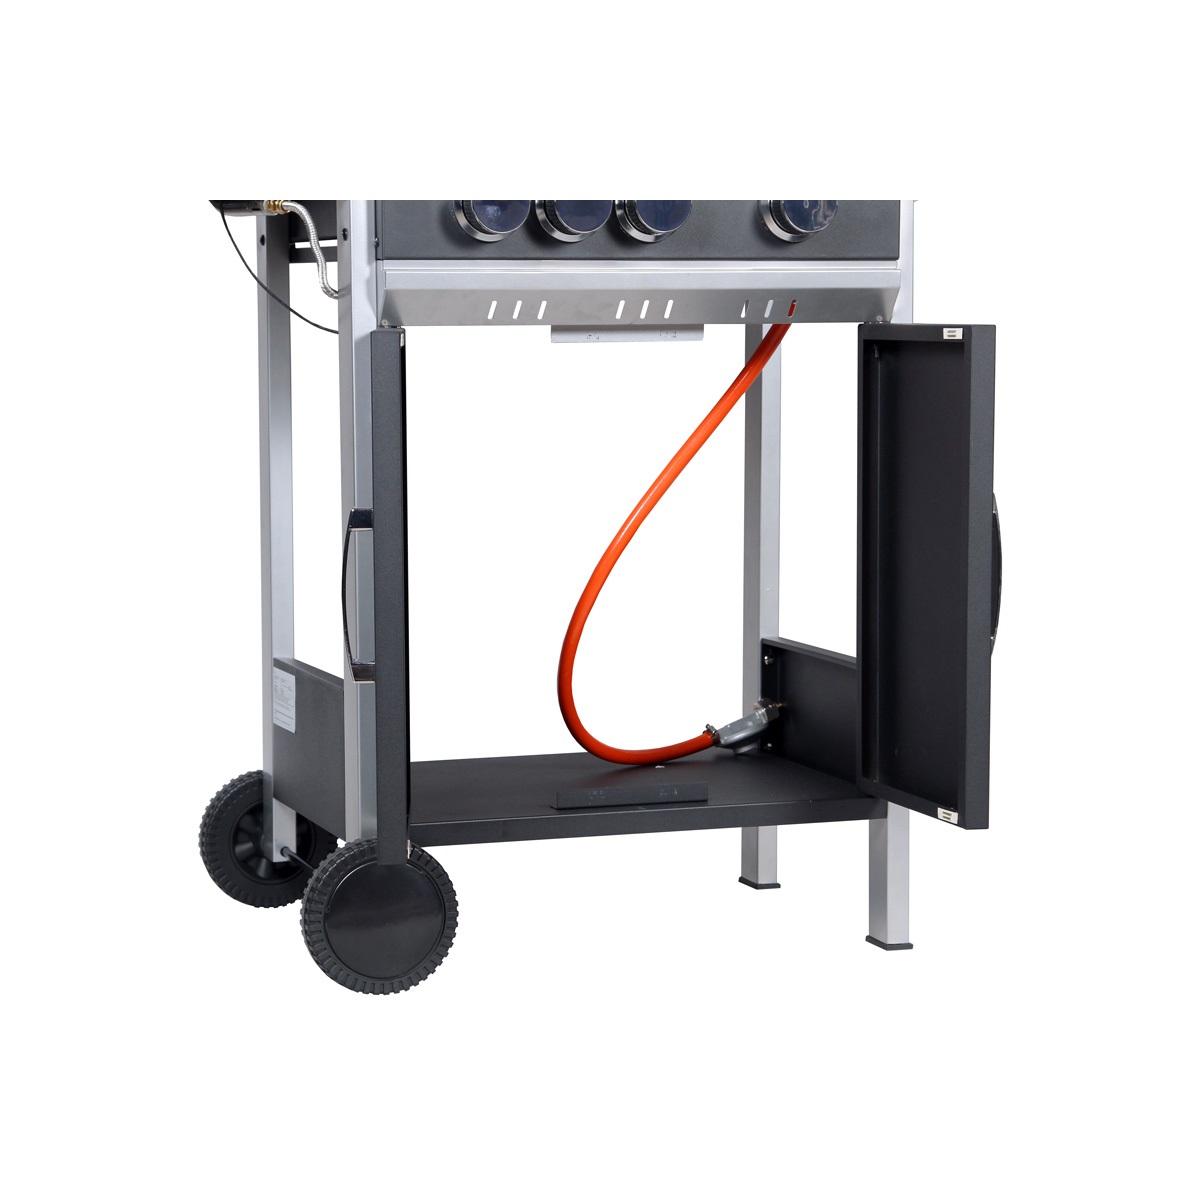 Obrázek galerie pro produkt Activa Nebraska Zahradní plynový gril s bočním vařičem